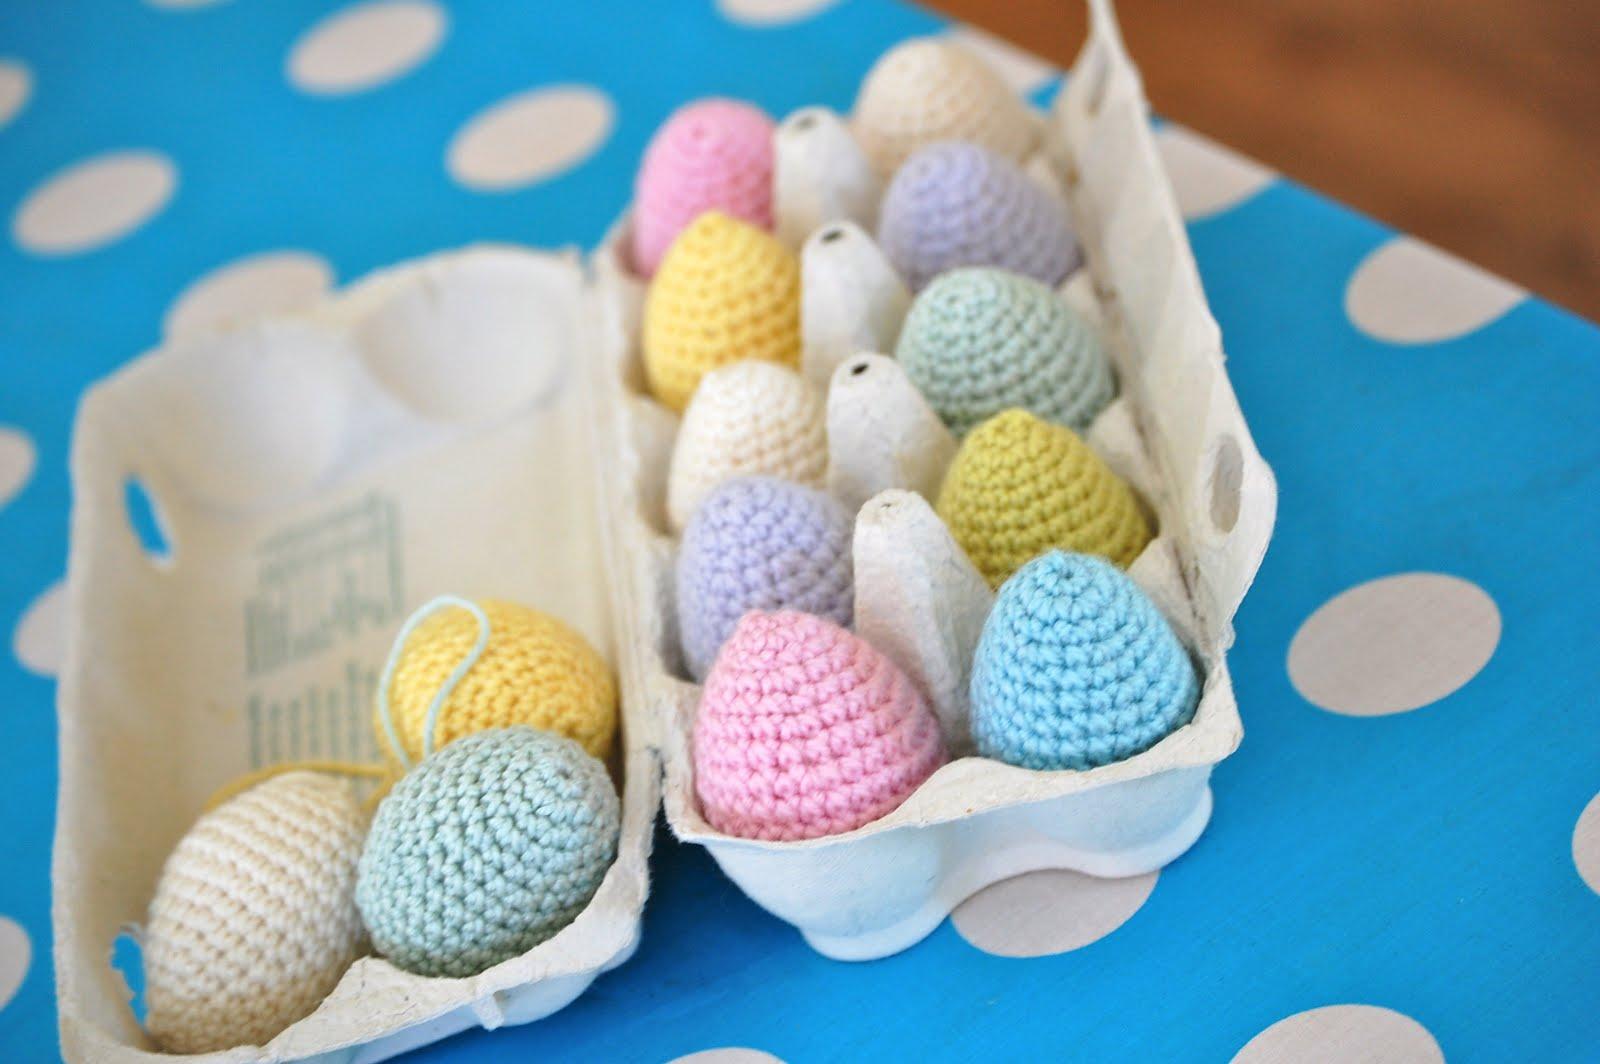 Crocheting Easter Eggs : Greedy For Colour: Crochet Easter Eggs!!!